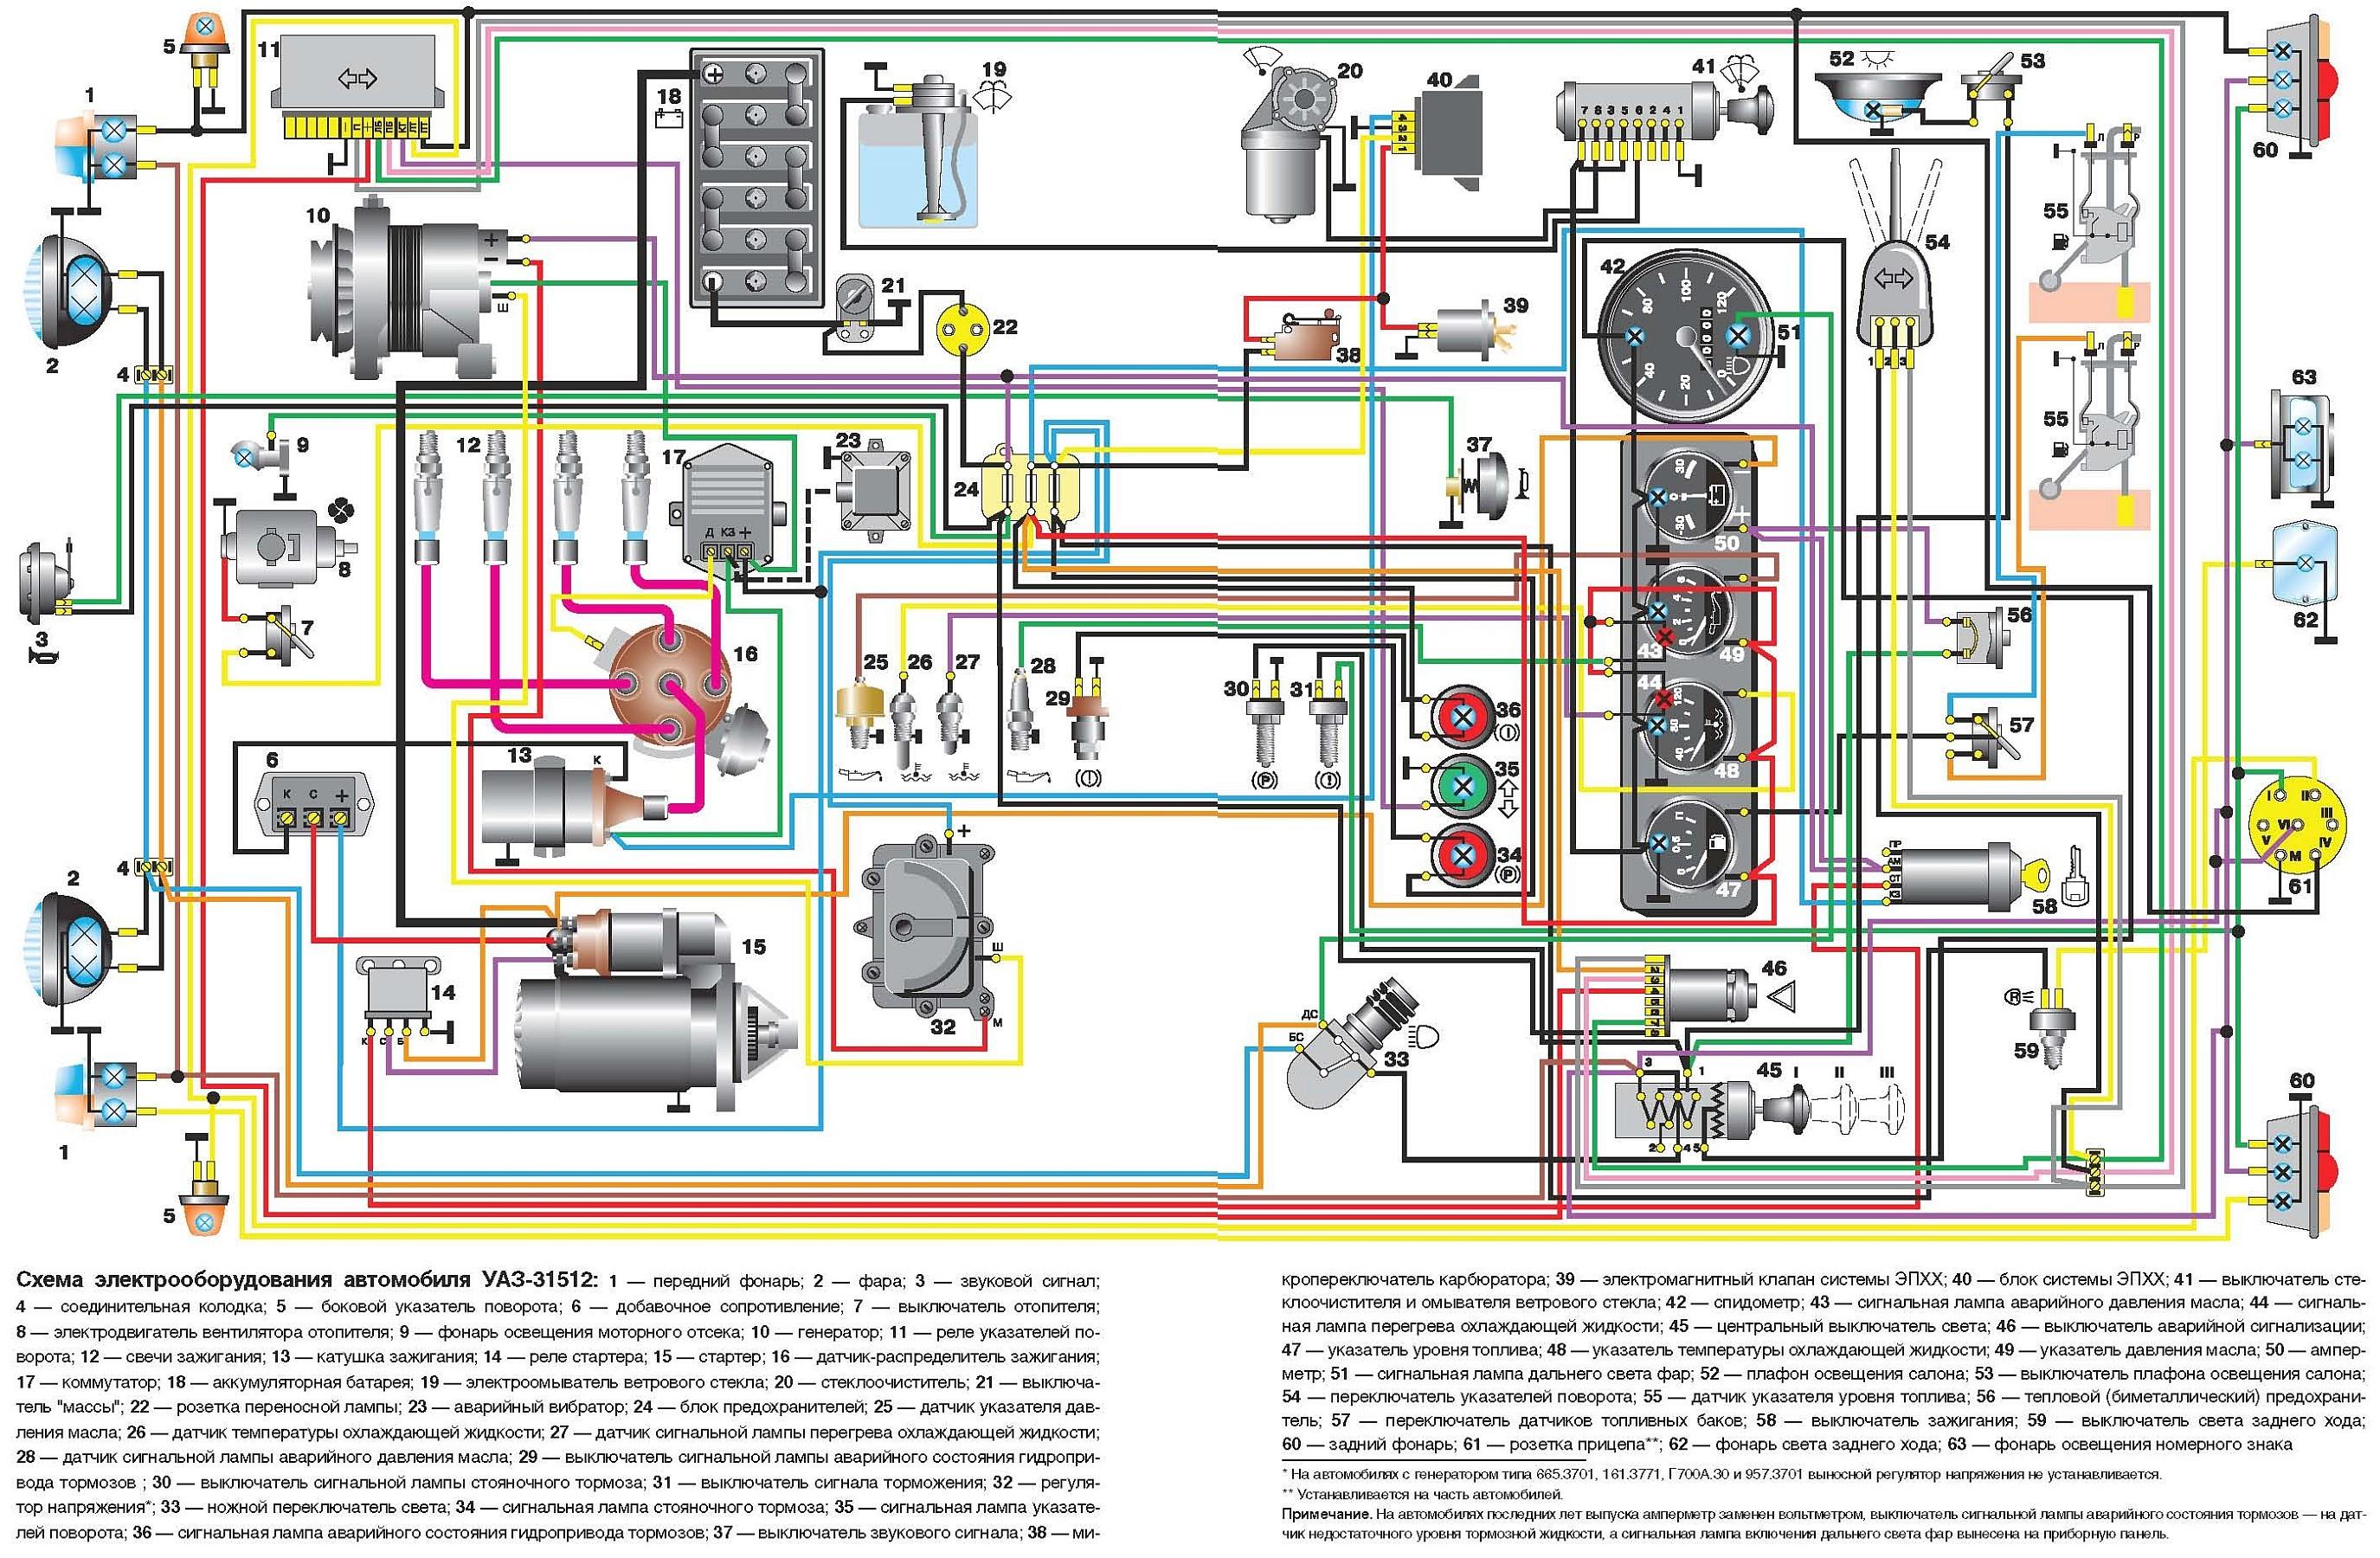 Схема проводки на уаз